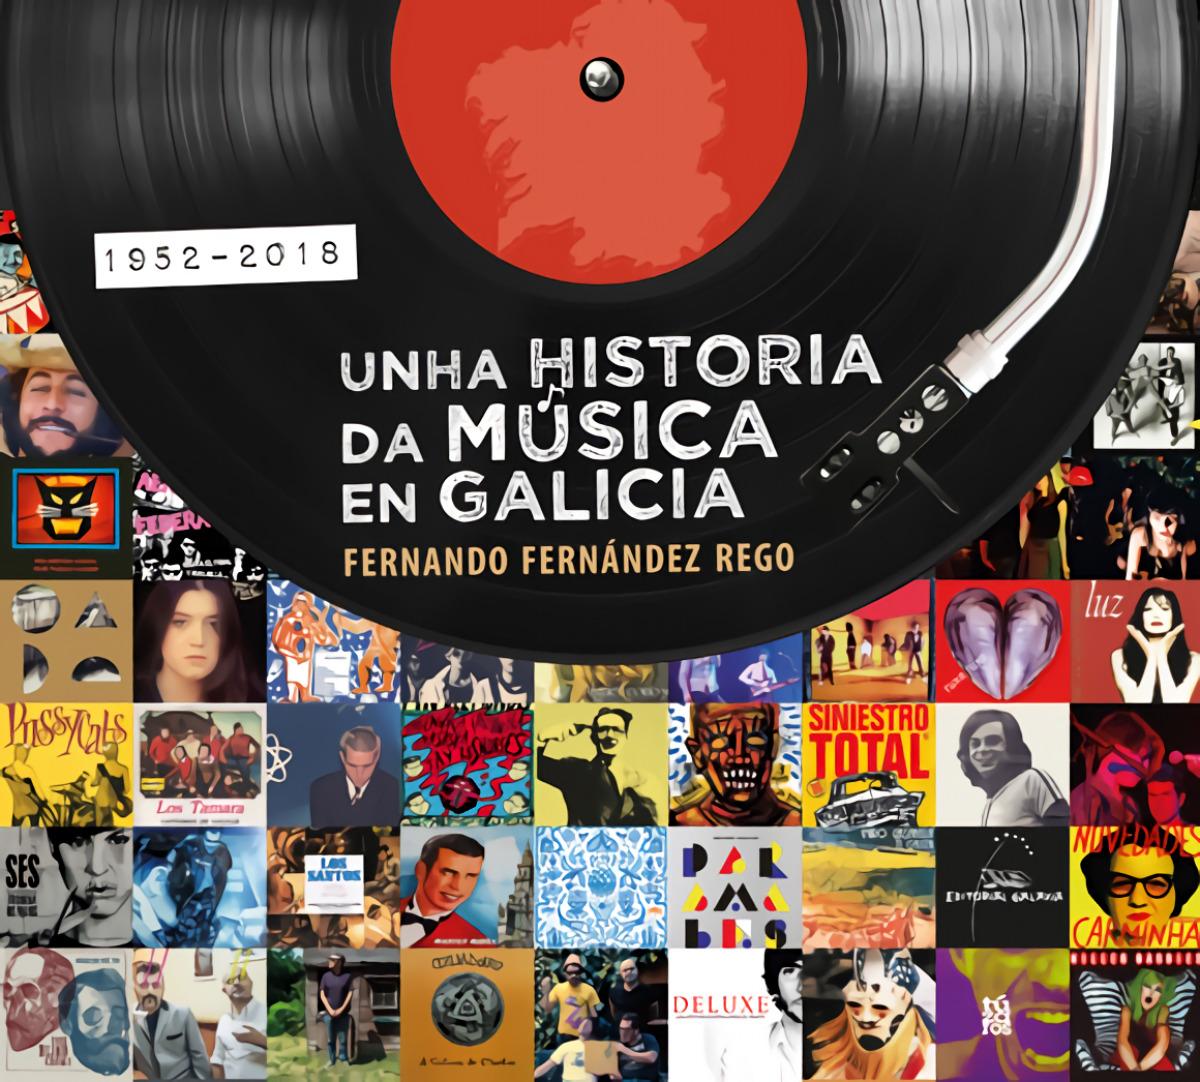 UNHA HISTORIA DA MÚSICA EN GALICIA 1952-2018